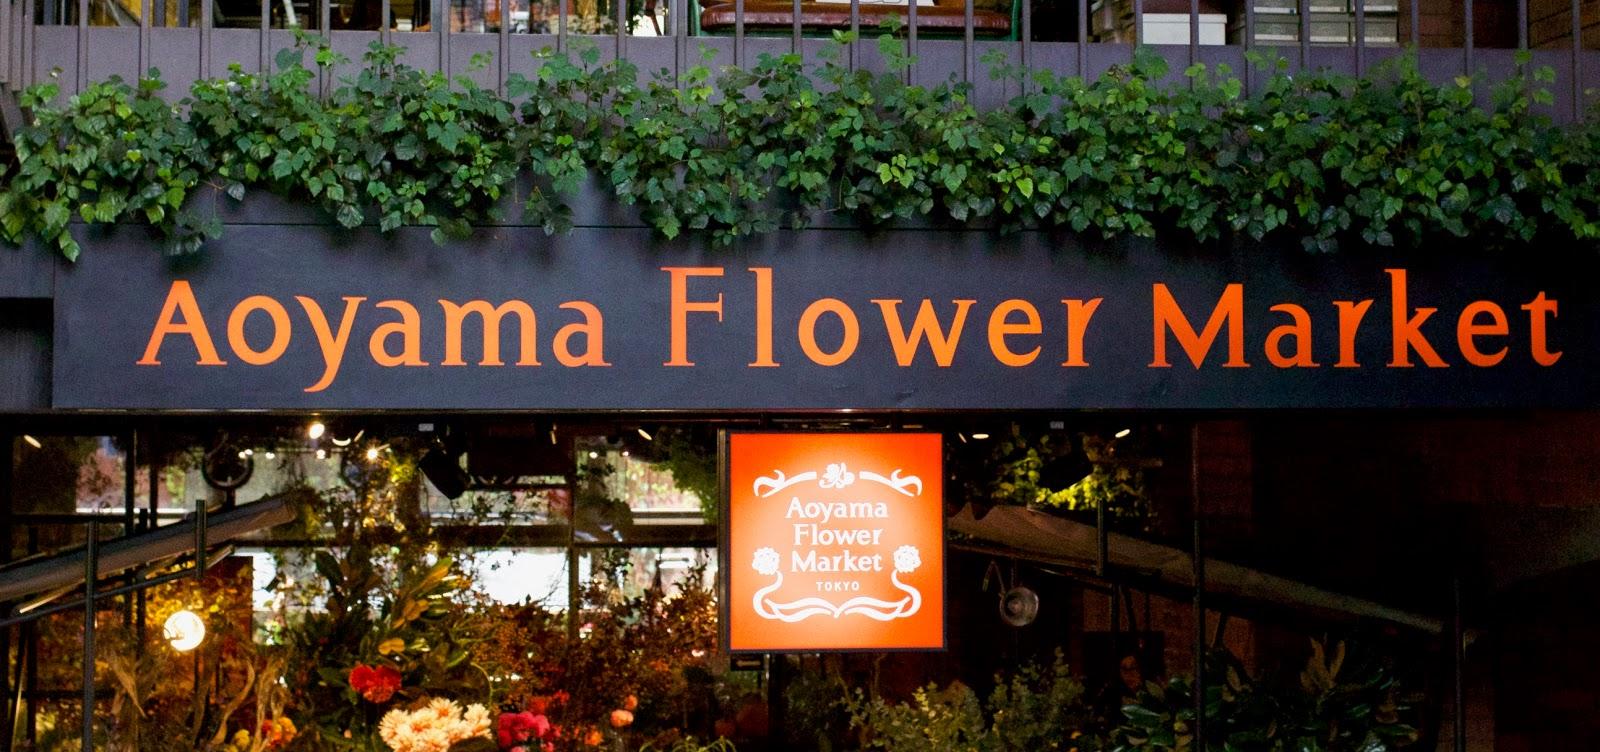 Aoyama-Flower-Market-Tea-House-entrance